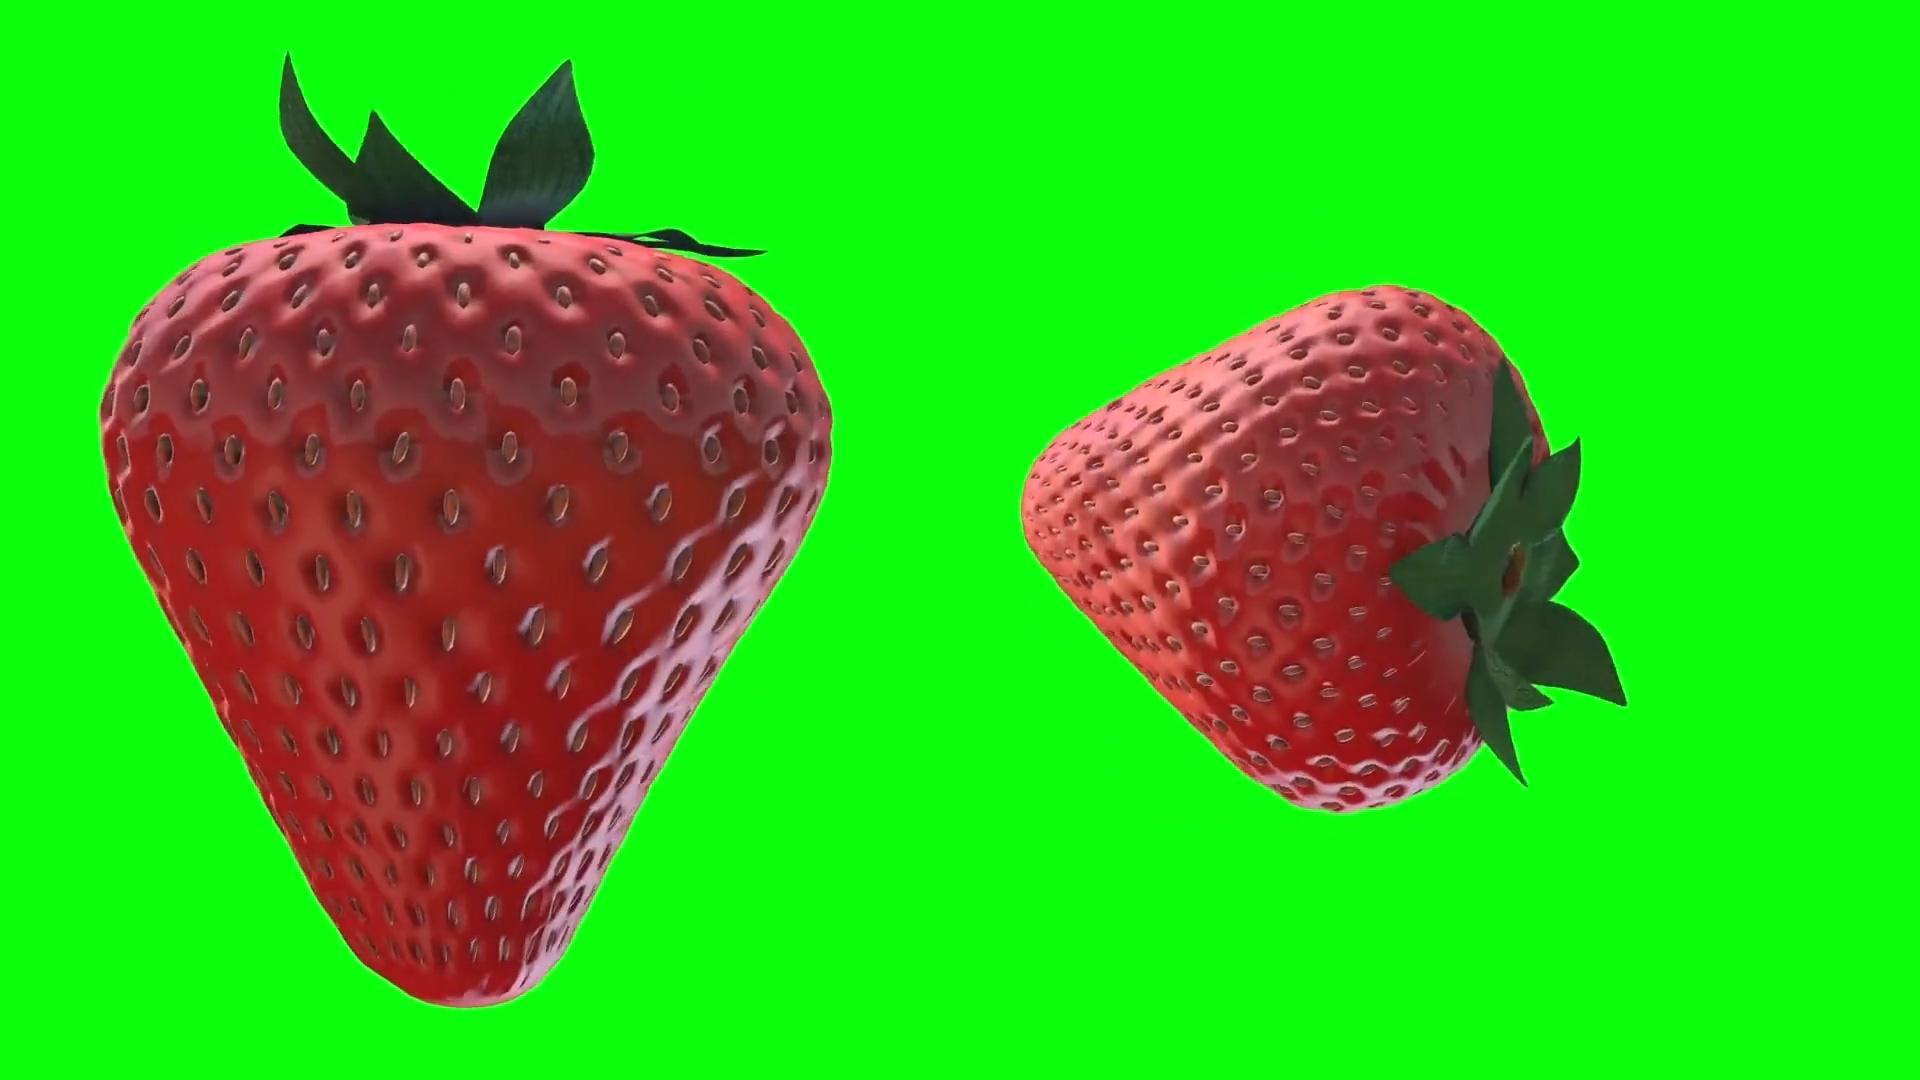 绿屏抠像草莓